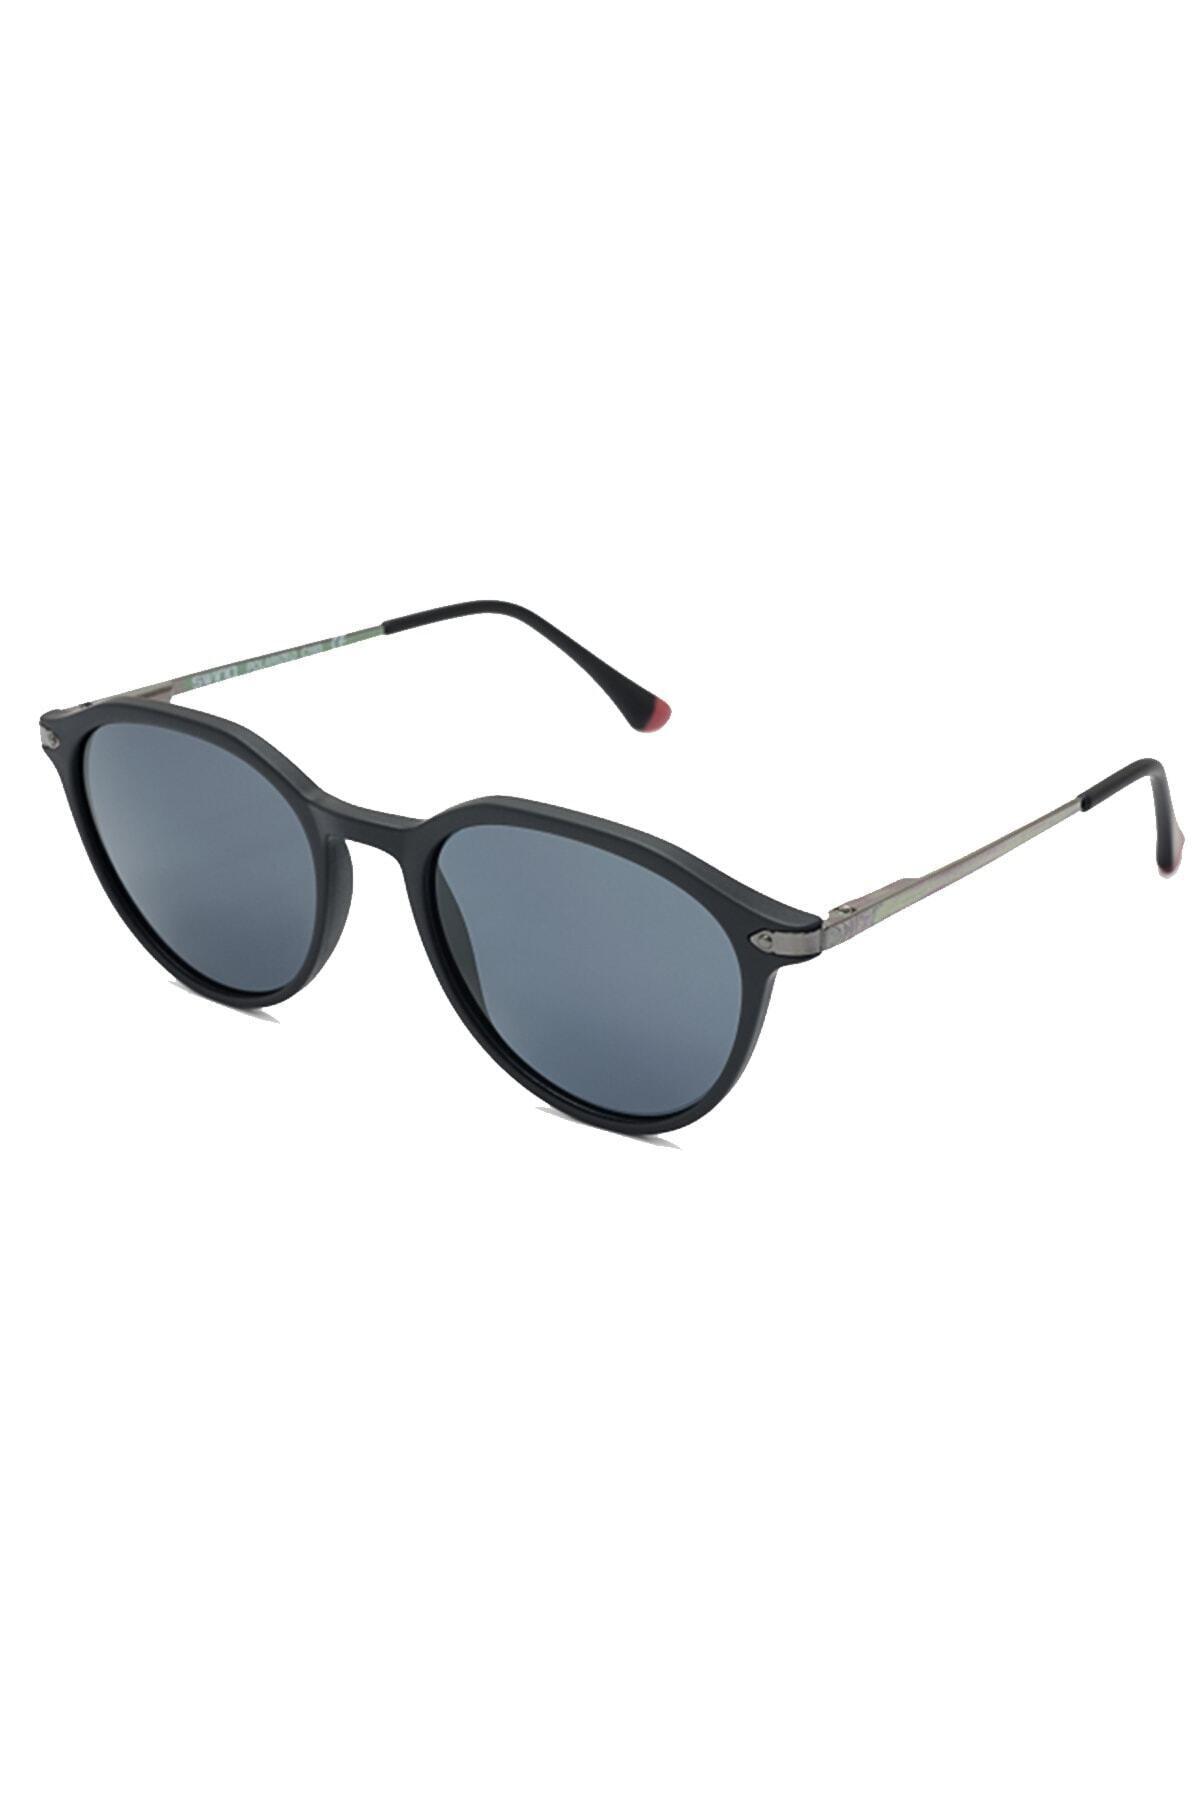 خرید عینک آفتابی زنانه ست برند Swing رنگ مشکی کد ty40805247